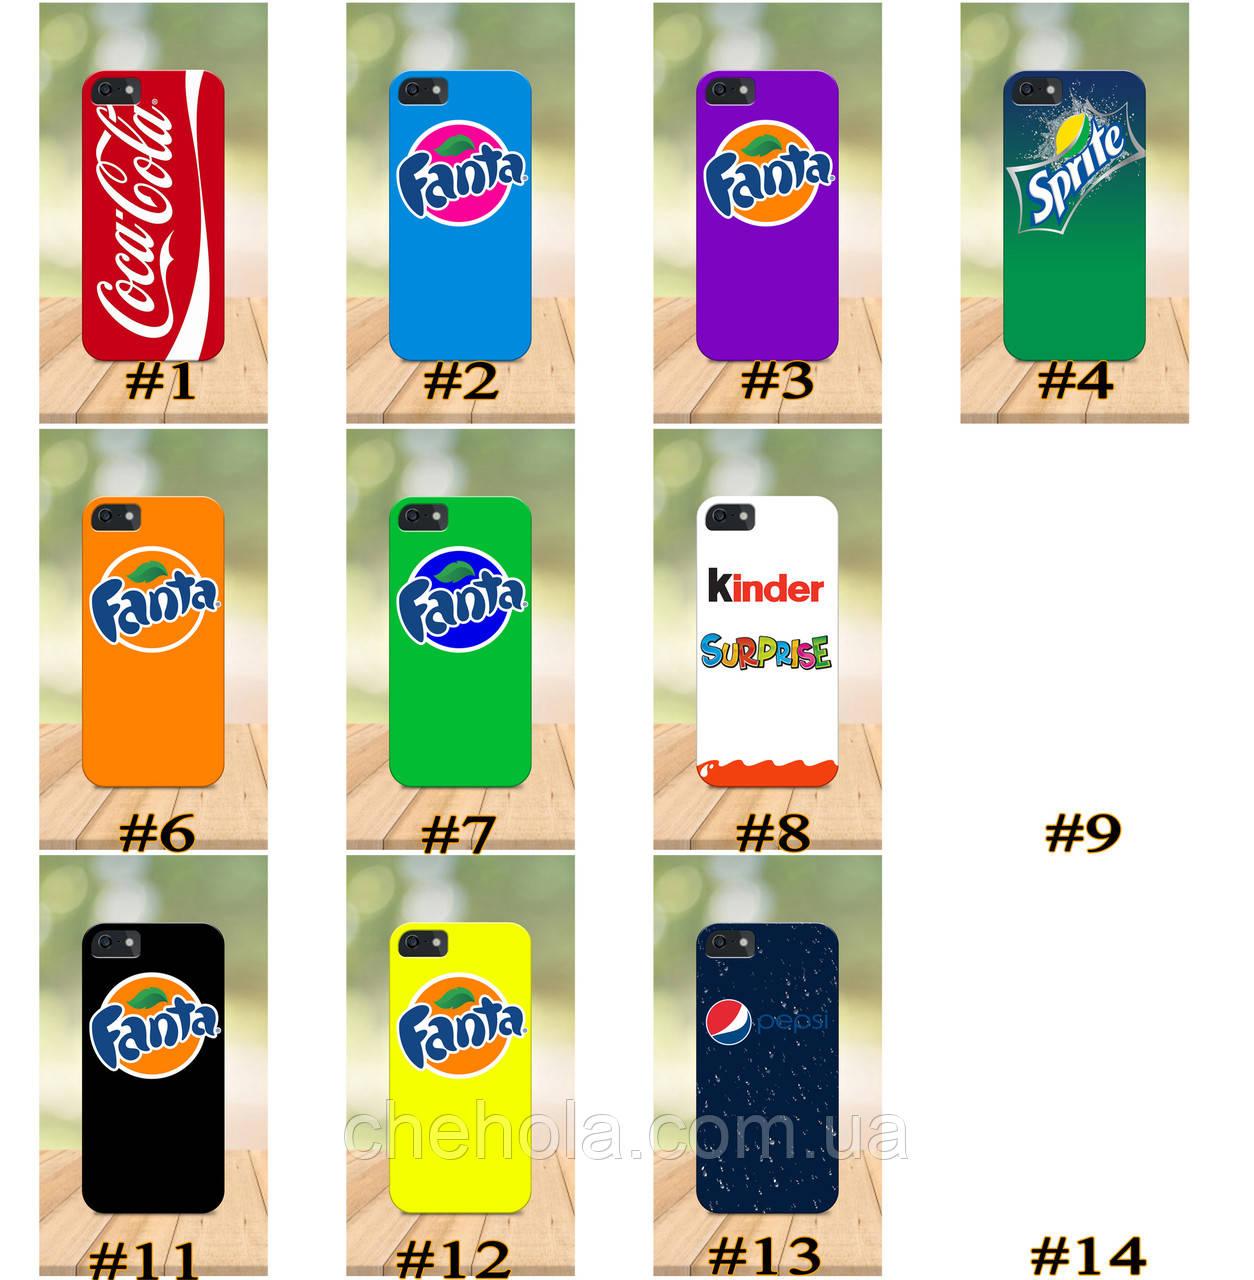 Чехол на iPhone 5 5s SE 4 4S бампер накладка с принтом бампер накладка с принтом Coca cola чехол кока кола